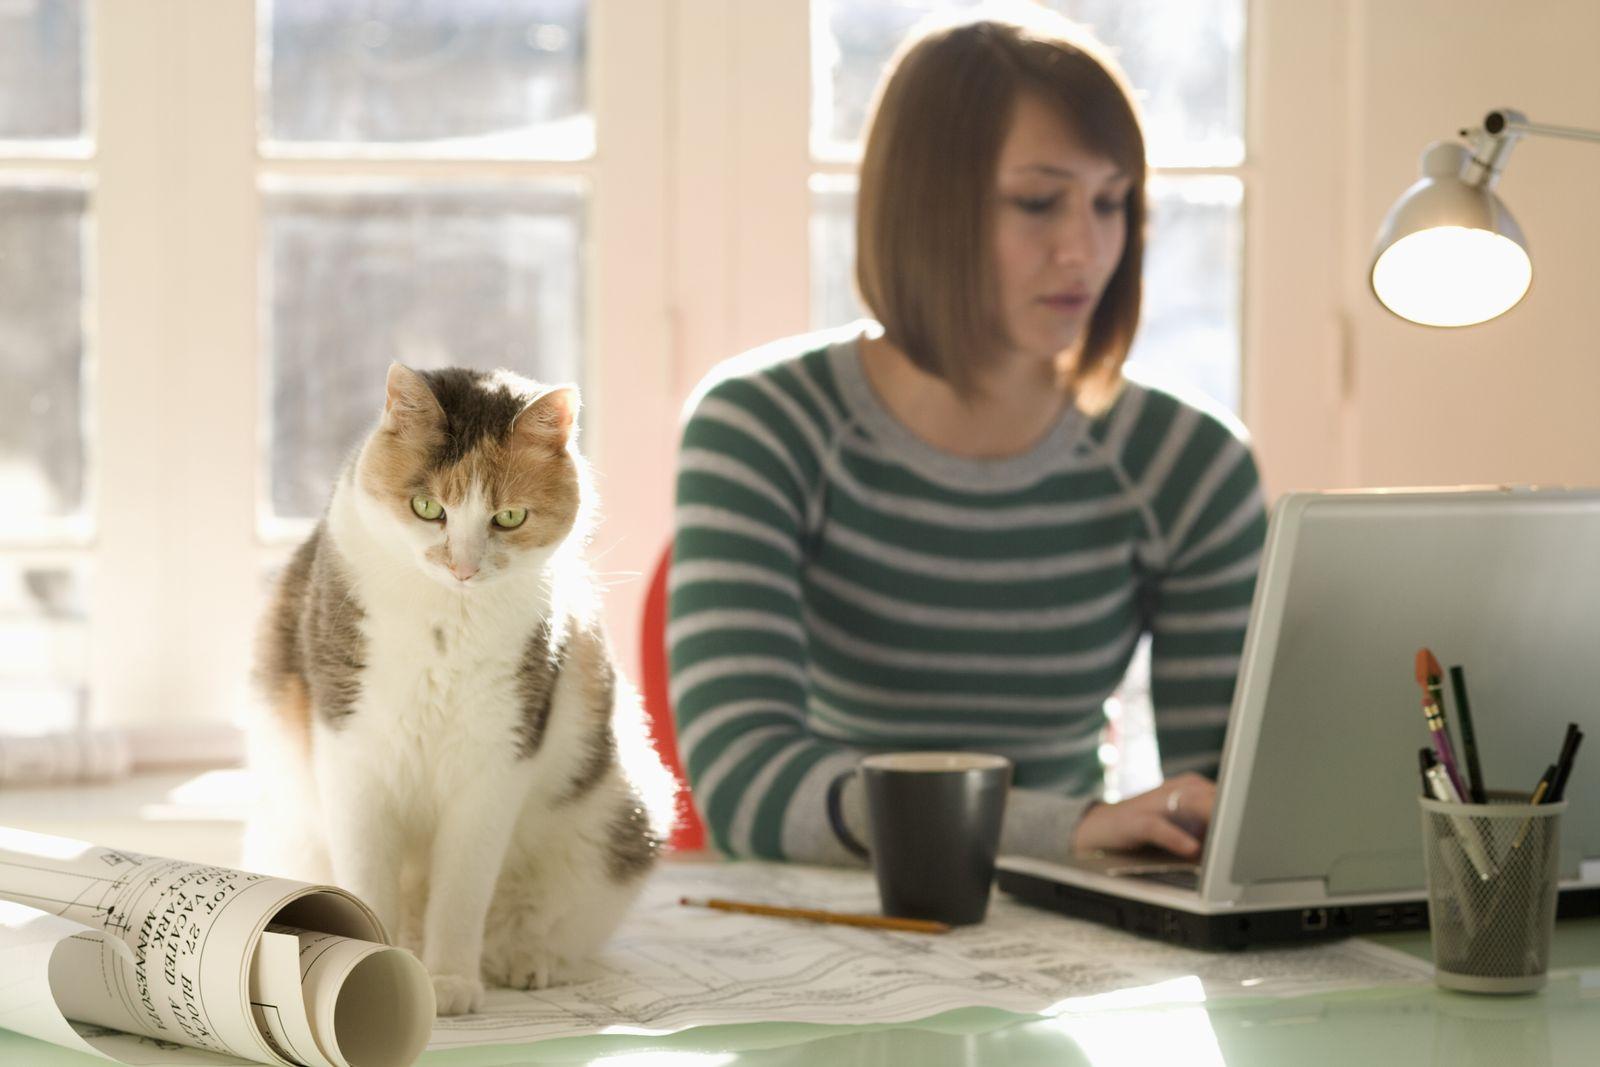 NICHT MEHR VERWENDEN! - Katze / Computer / Heimarbeit / Homeoffice